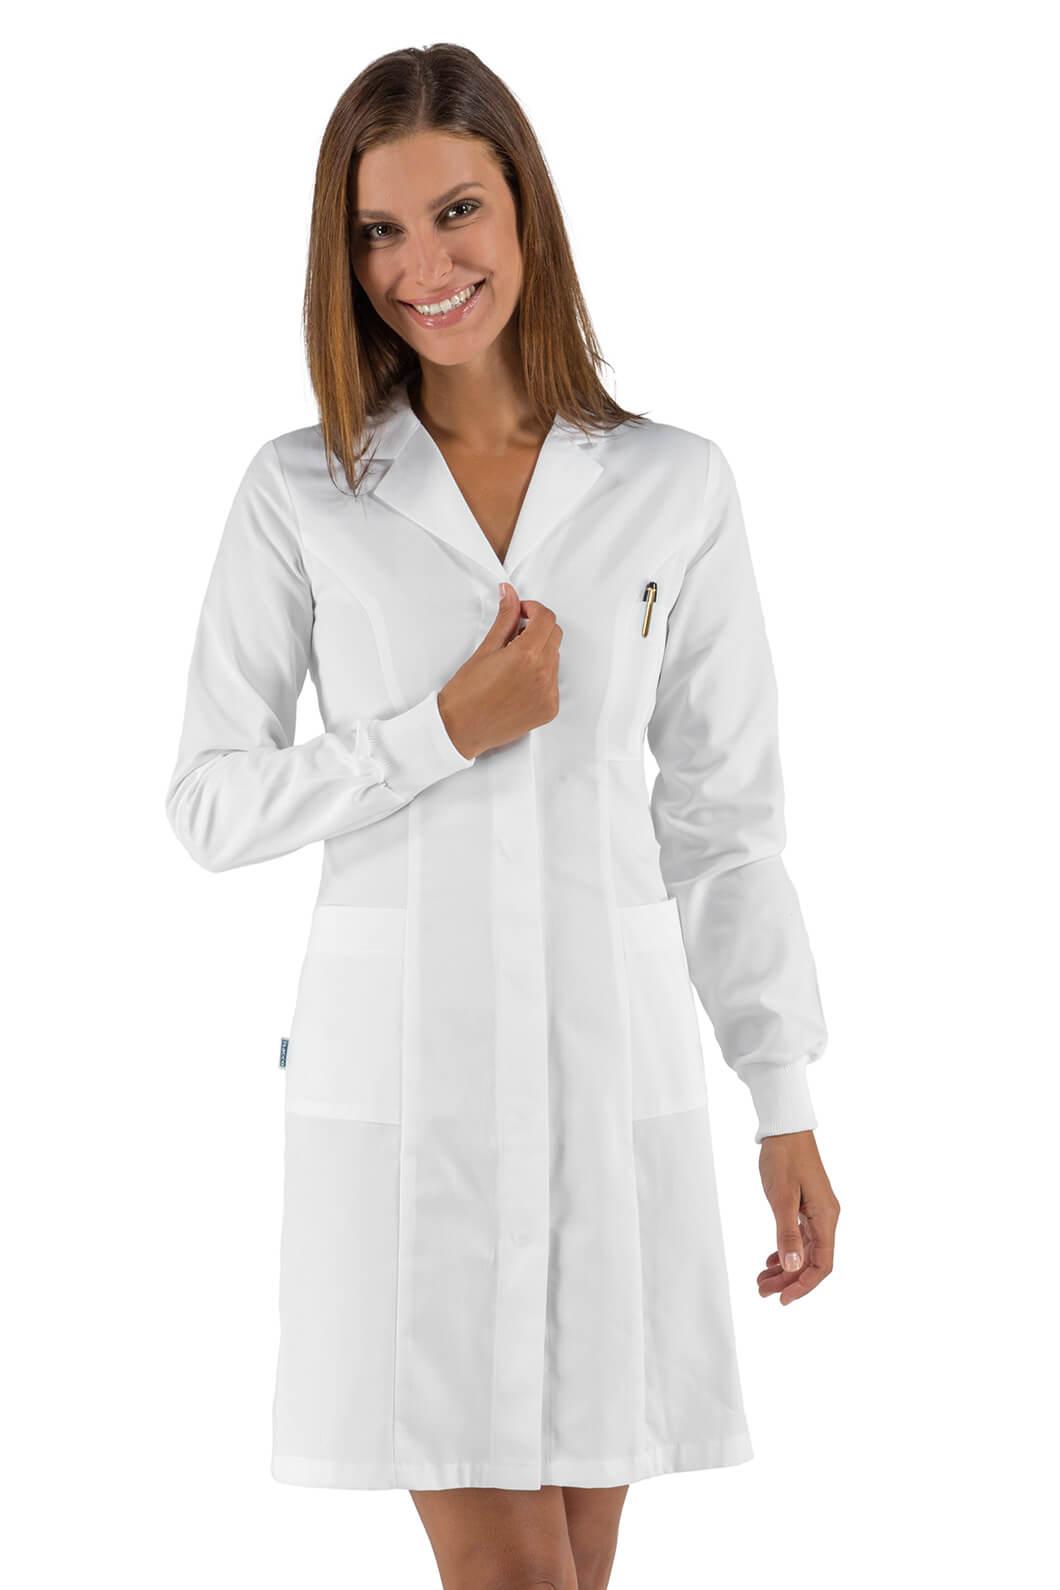 Blouse médicale femme blanc à poignets tricots forme slim Isacco